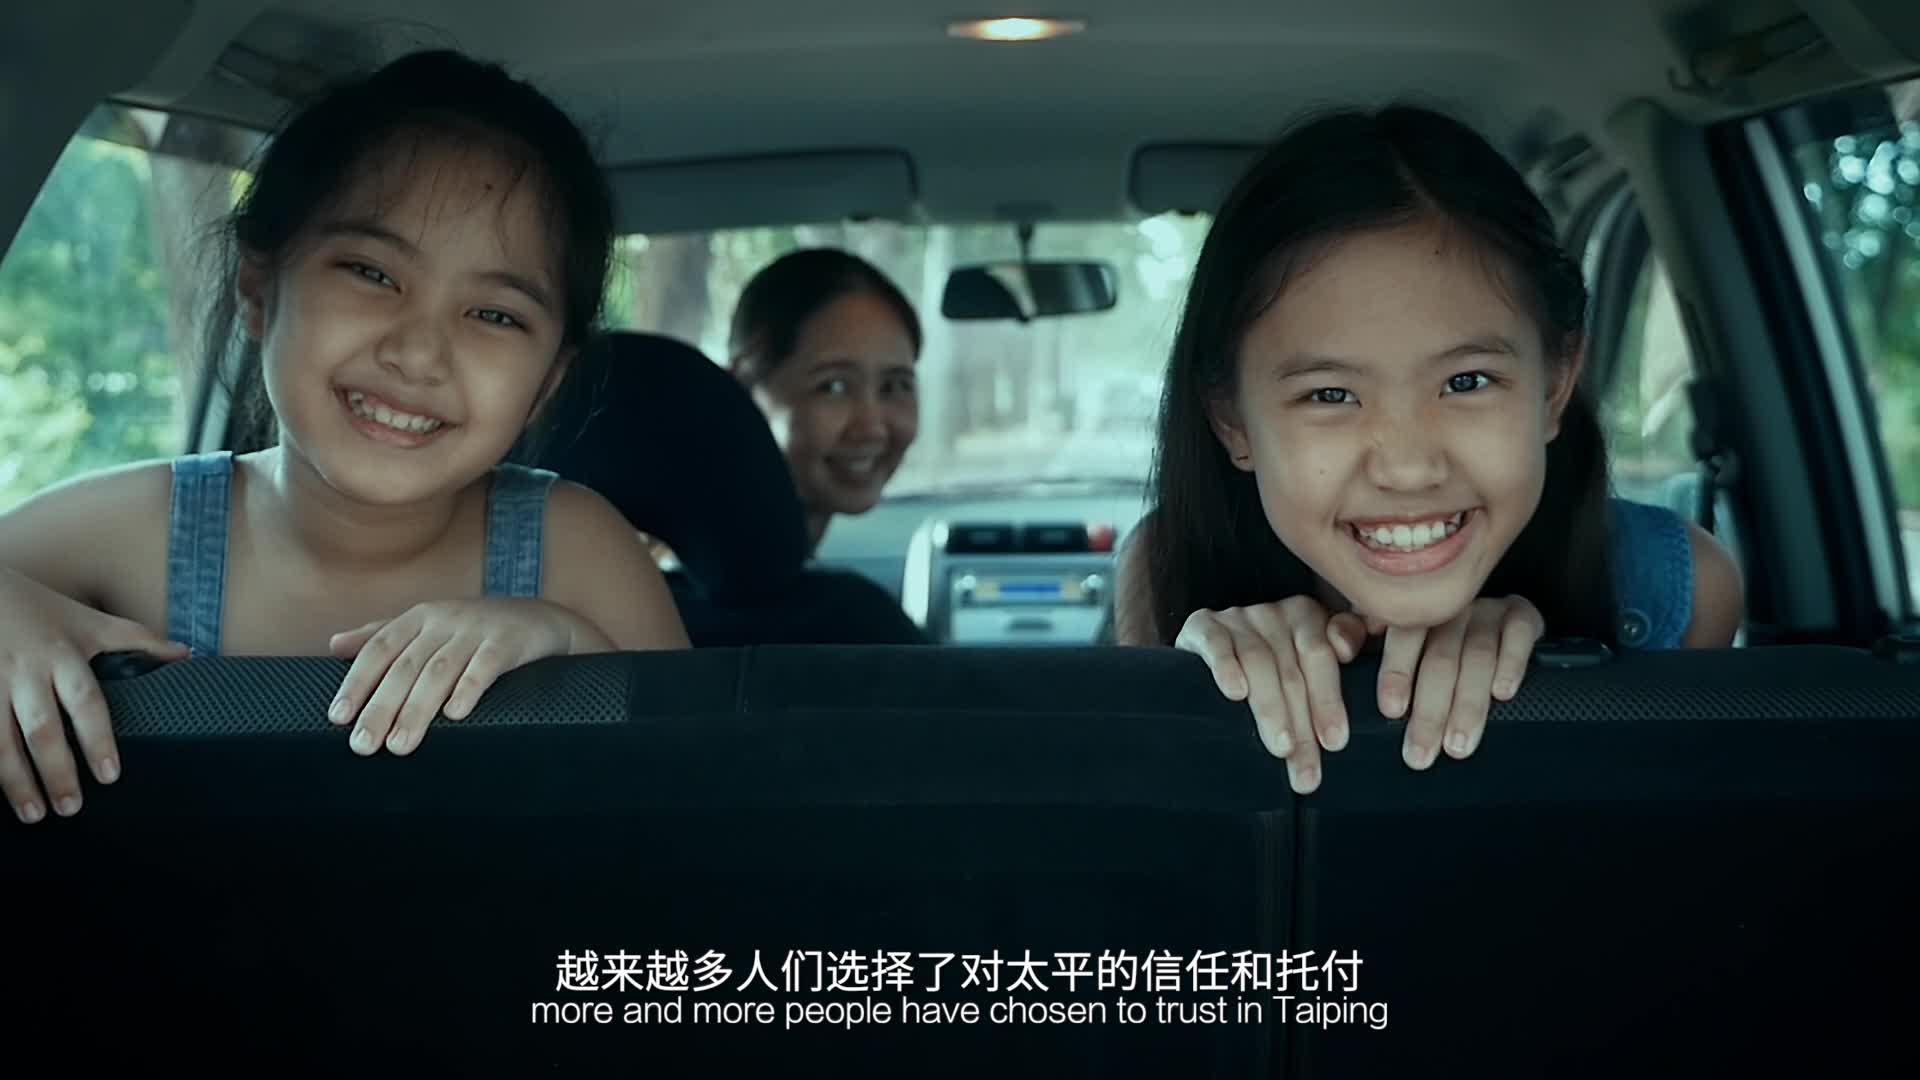 中国太平保险集团宣传片